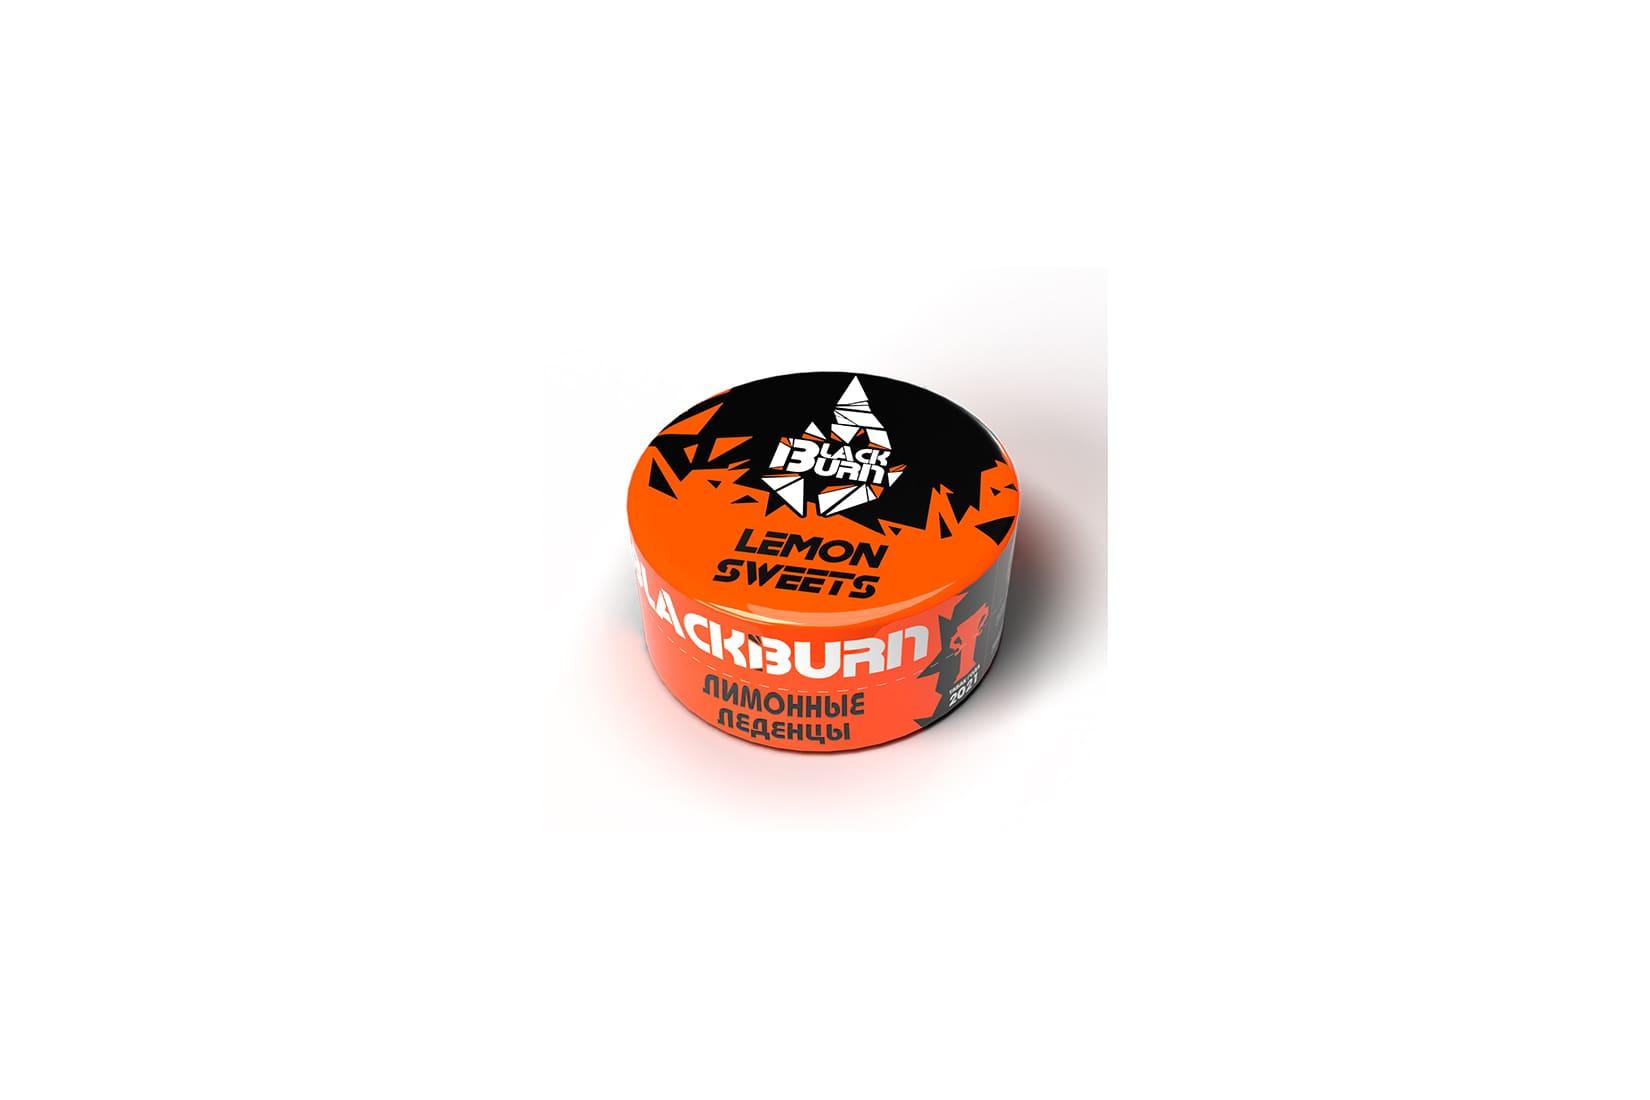 Табак для кальяна Black Burn LEMON SWEETS – описание, миксы, отзывы